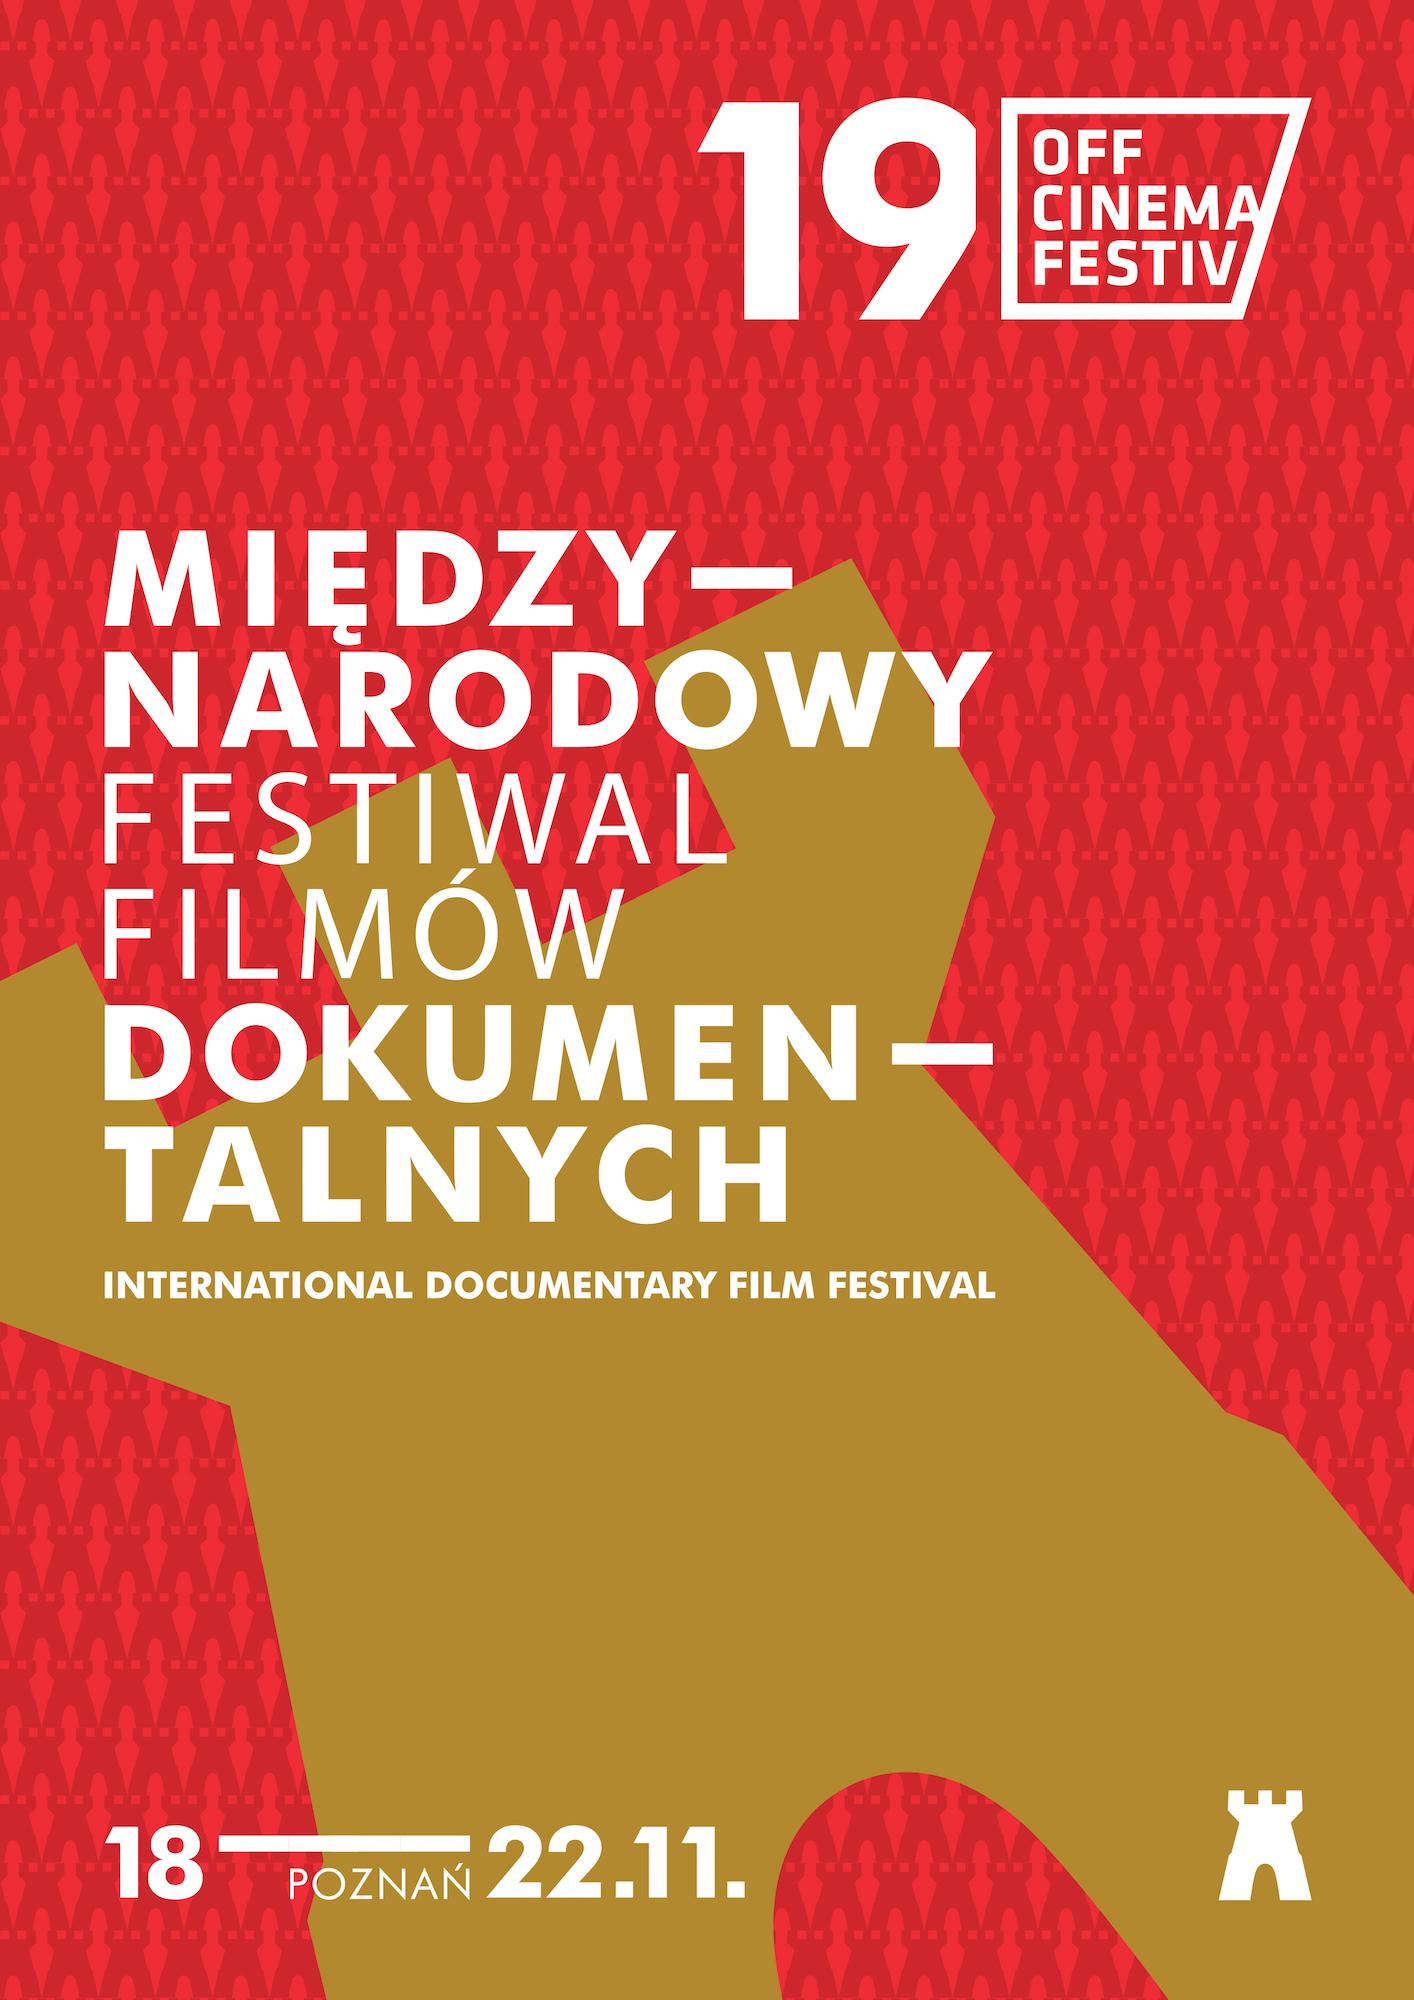 19. Międzynarodowy Festiwal Filmów Dokumentalnych OFF CINEMA, plakat (źródło: materiały prasowe organizatora)